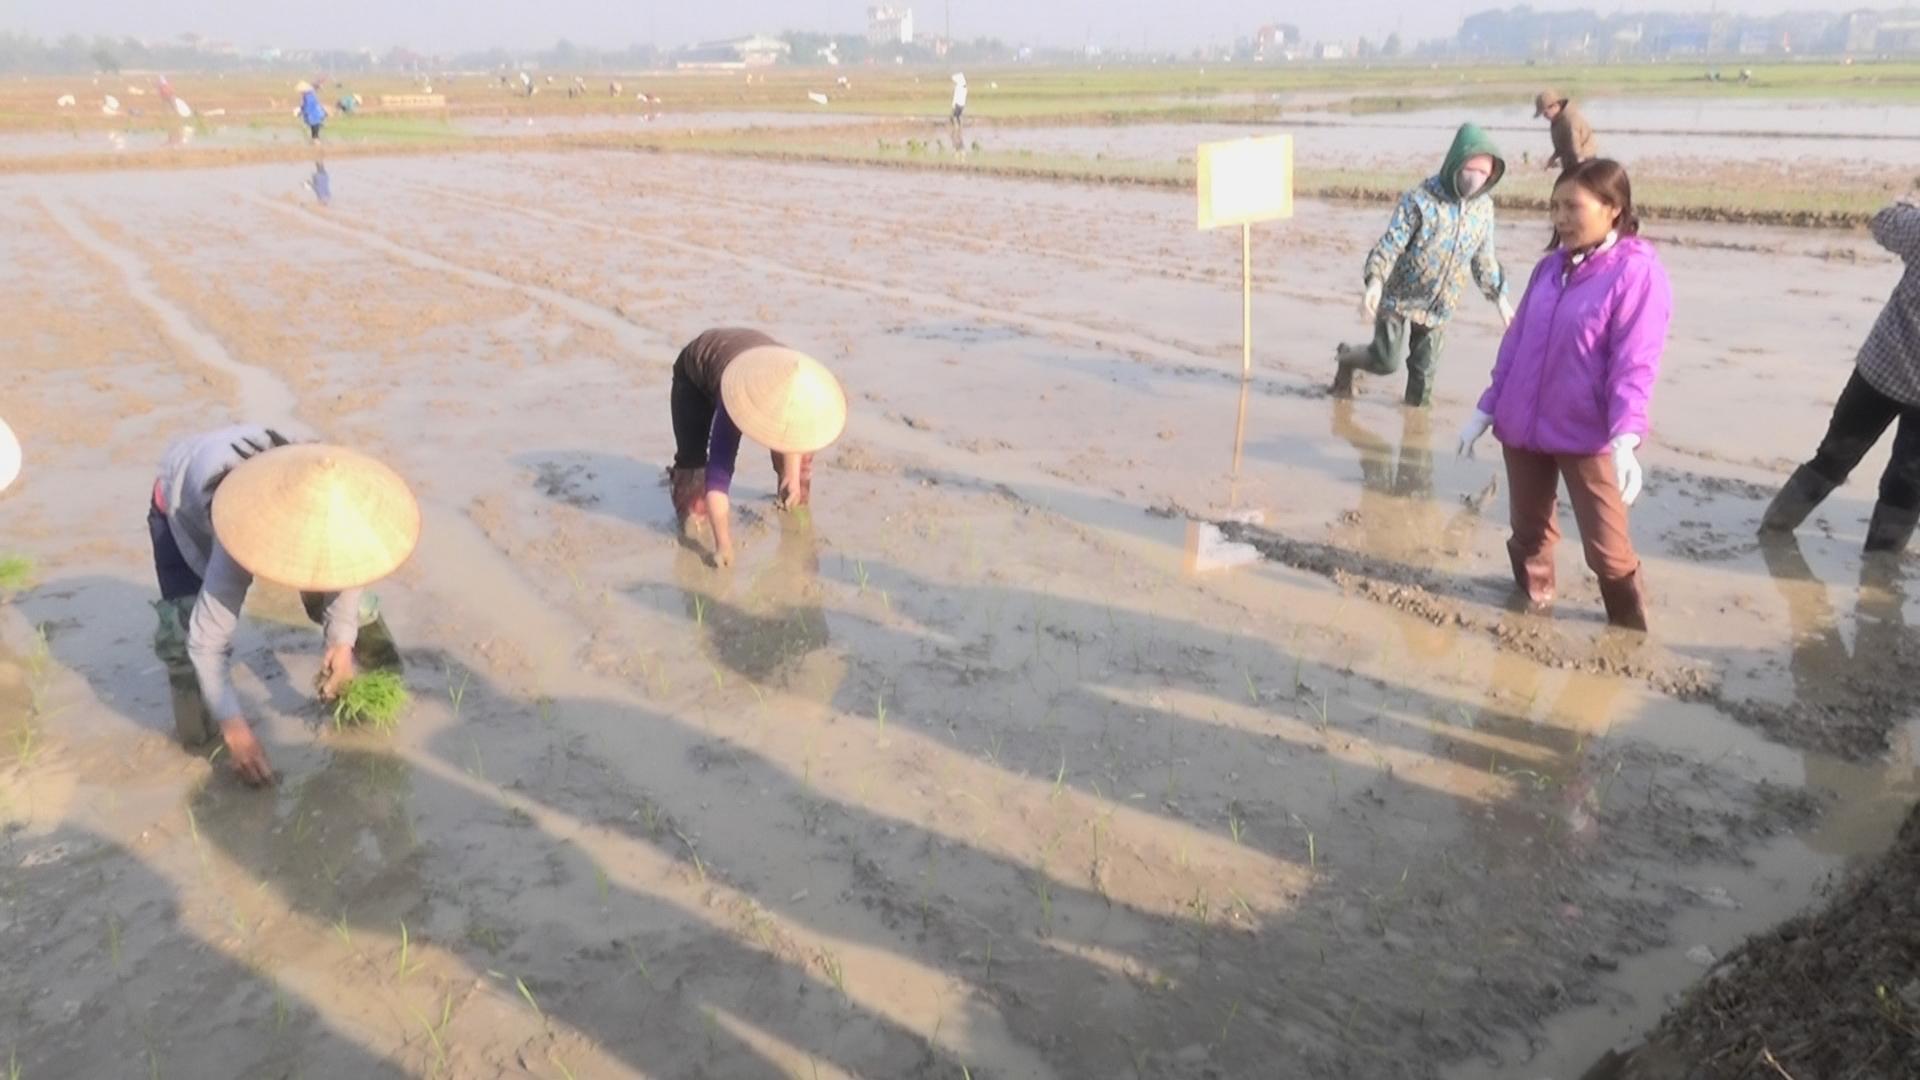 Trạm Bảo vệ thực vật huyện Thạch Thất tổ chức tập huấn cấy lúa SRI tại ruộng cho 5 xã